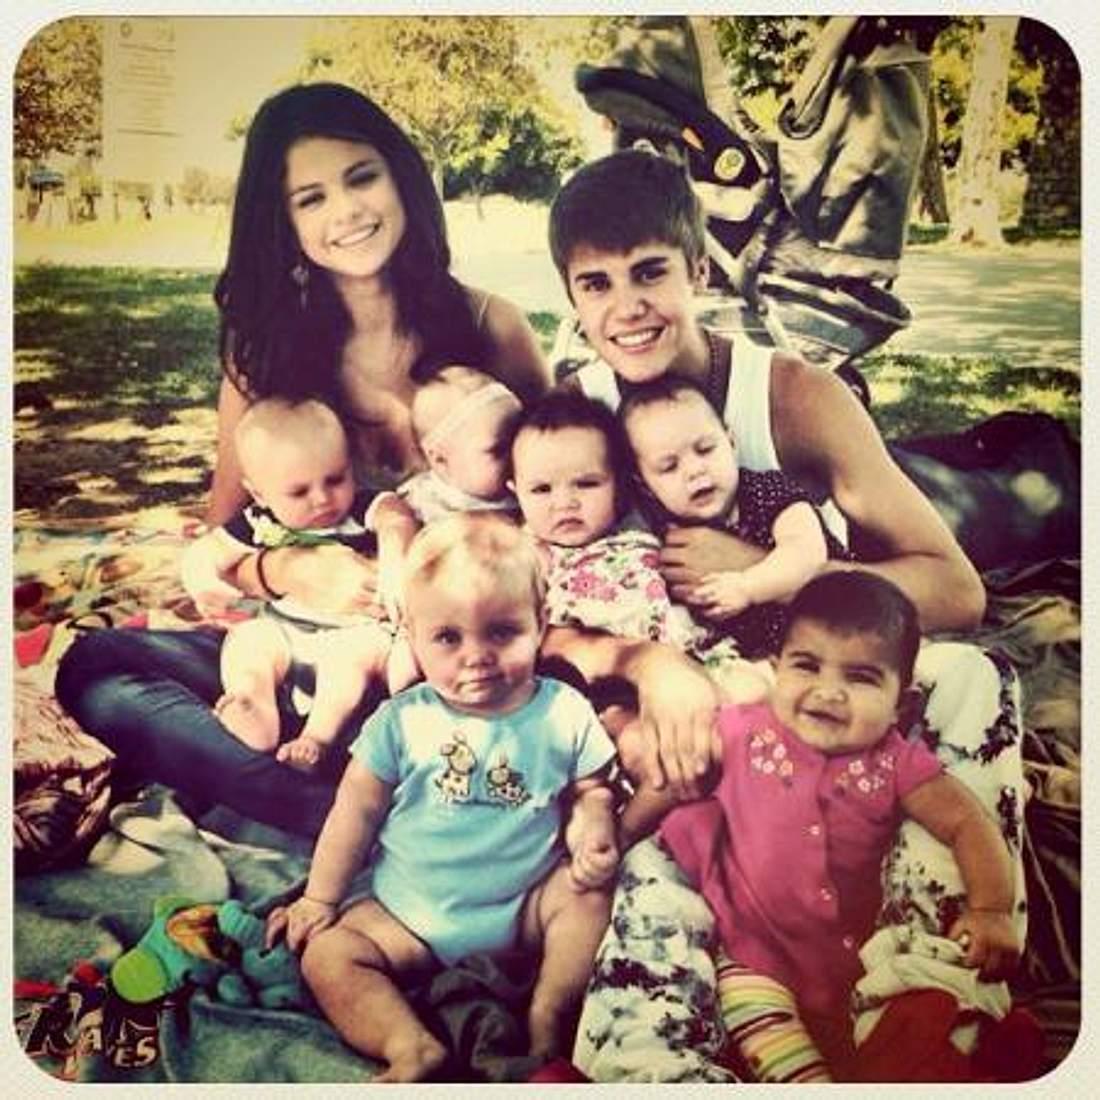 Justin Bieber möchte früh heiraten und schnell Kinder - aber so schnell?!